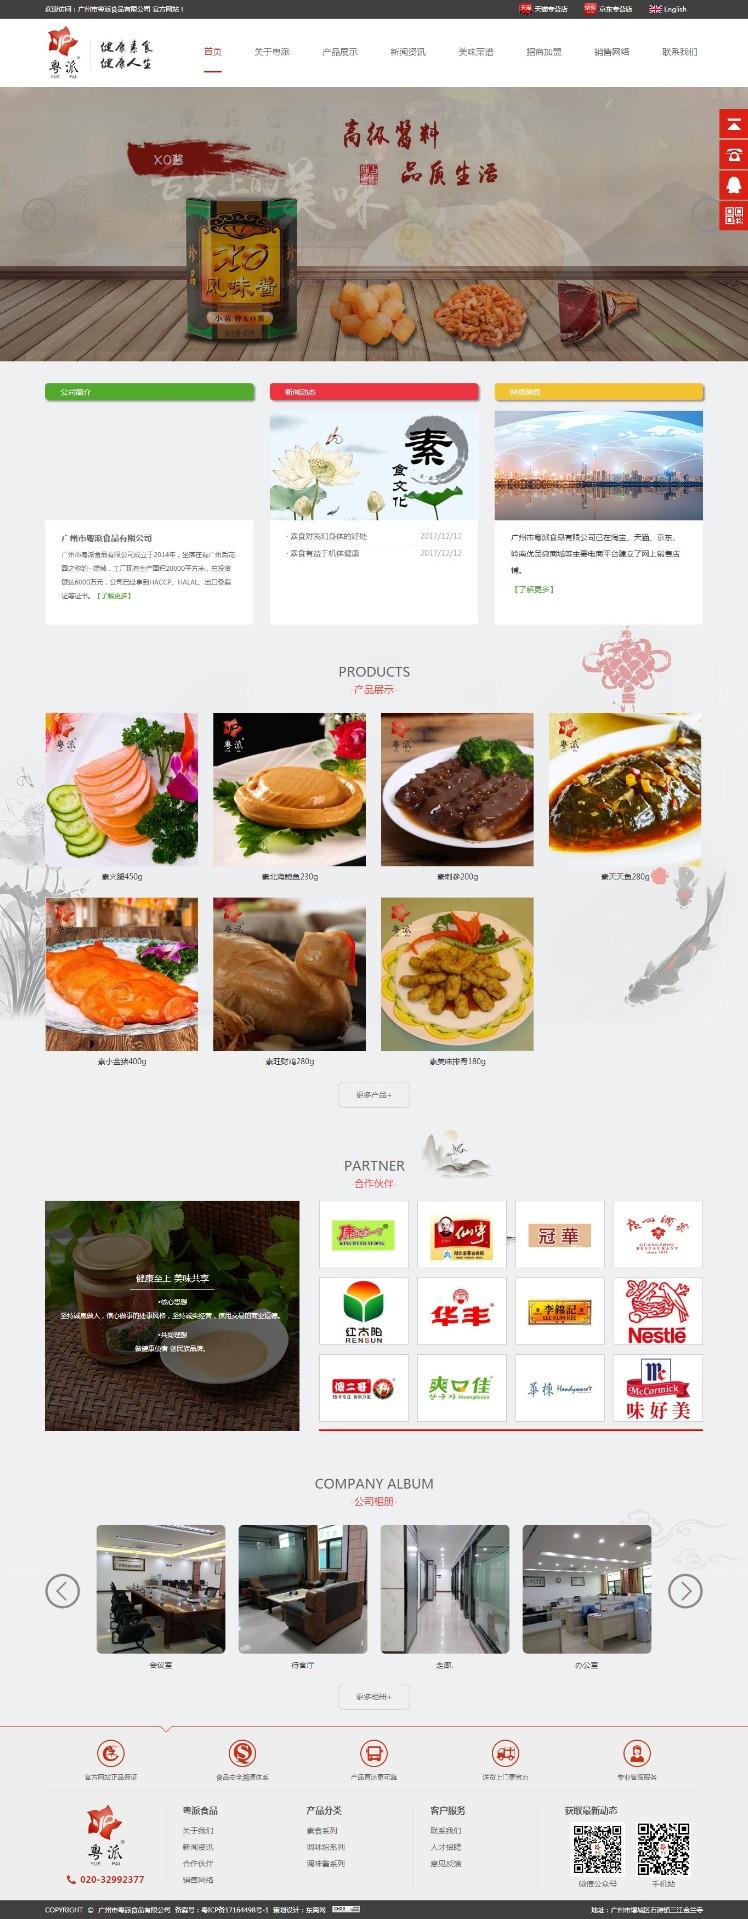 广州市粤派食品有限公司